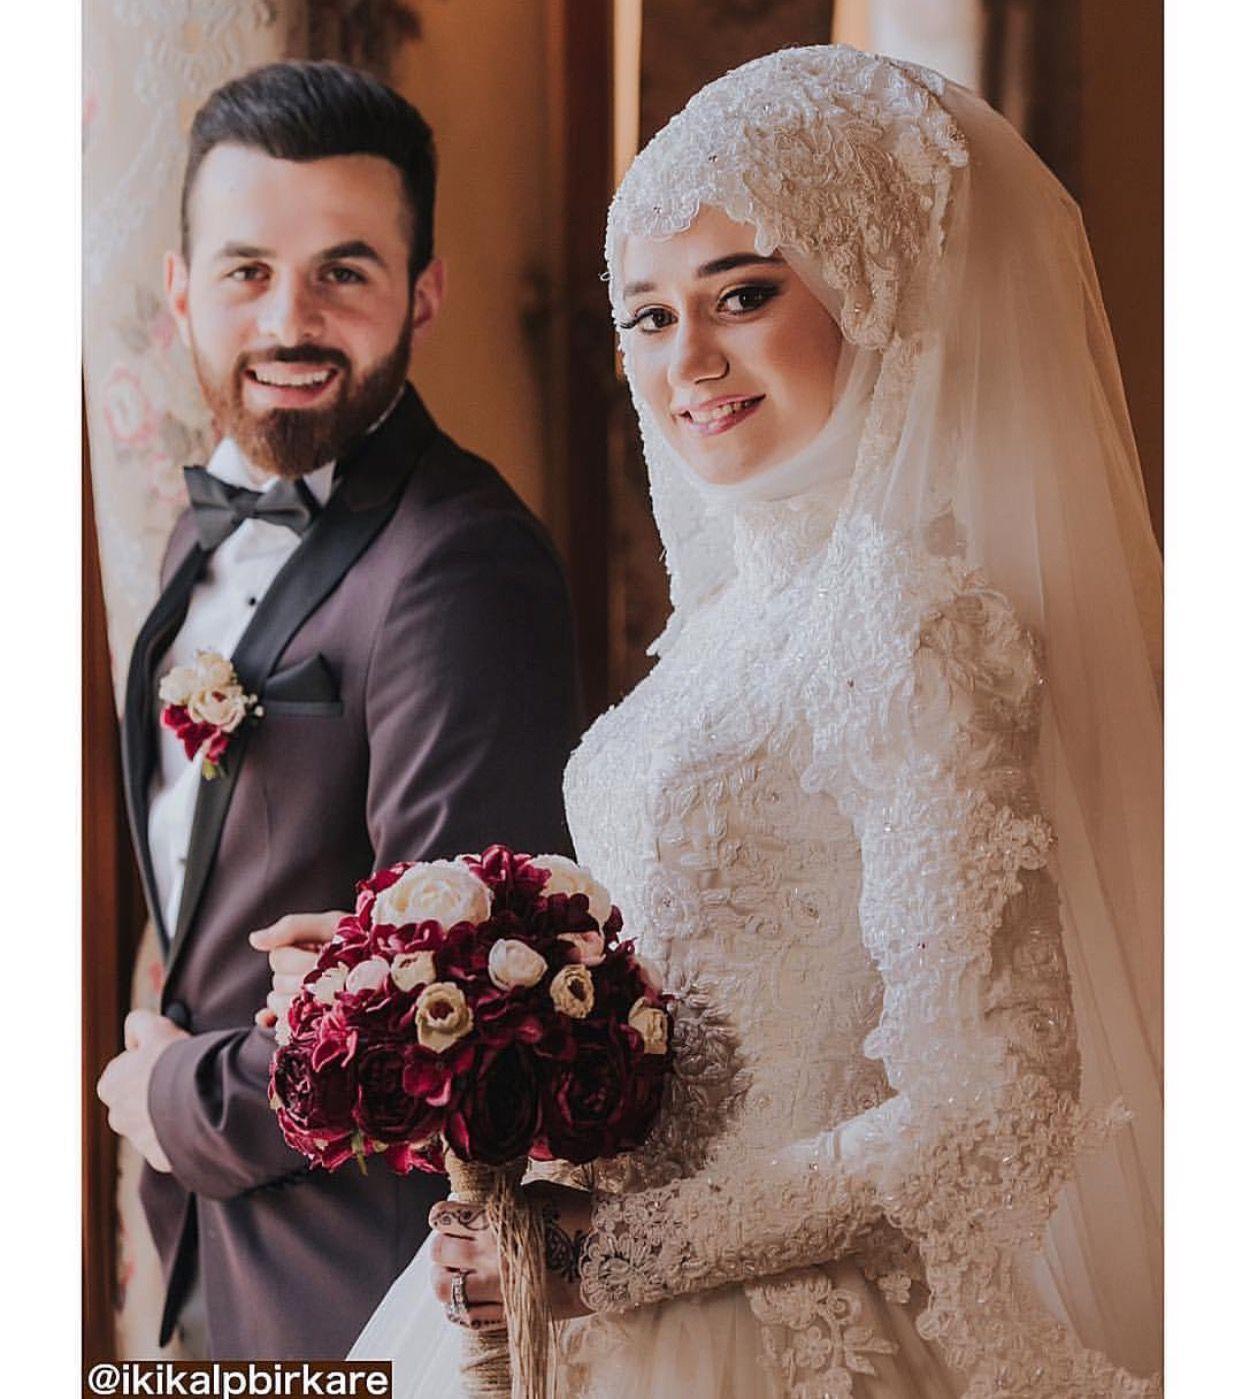 Pinterest adarkurdish hochzeitidee pinterest muslim couples